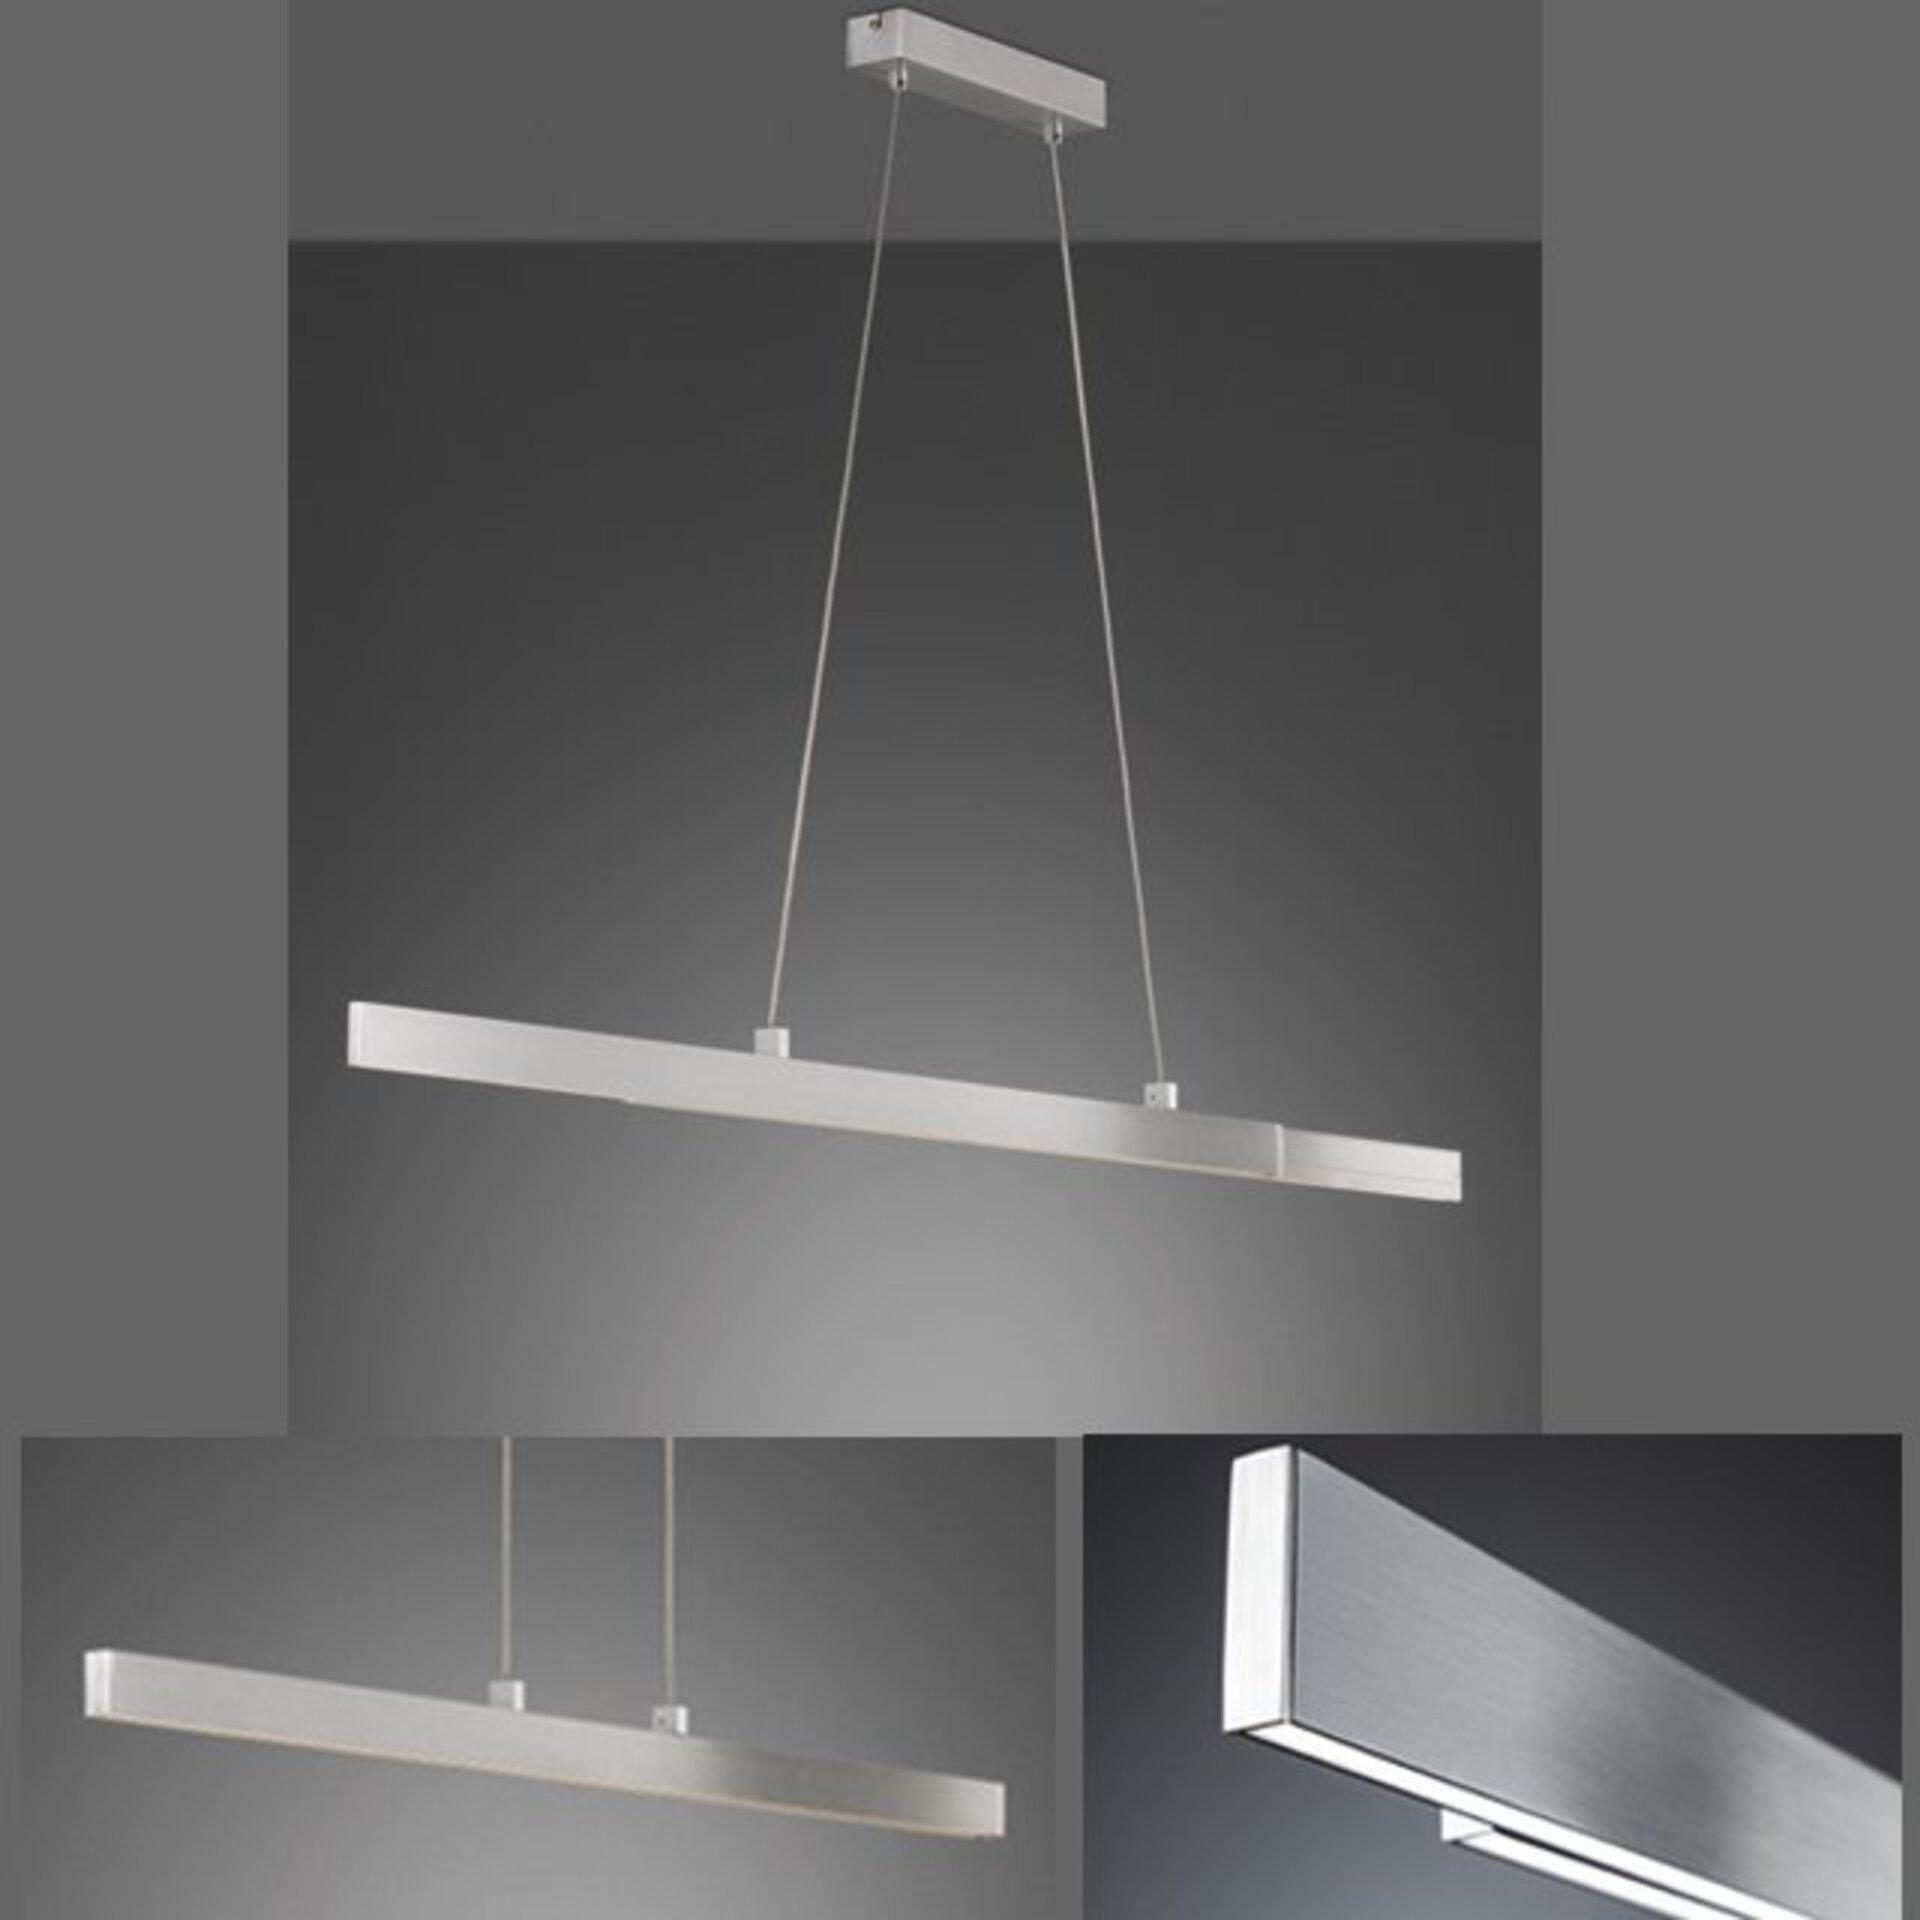 Hängeleuchte Orell Fischer-Honsel Metall 6 x 140 x 140 cm